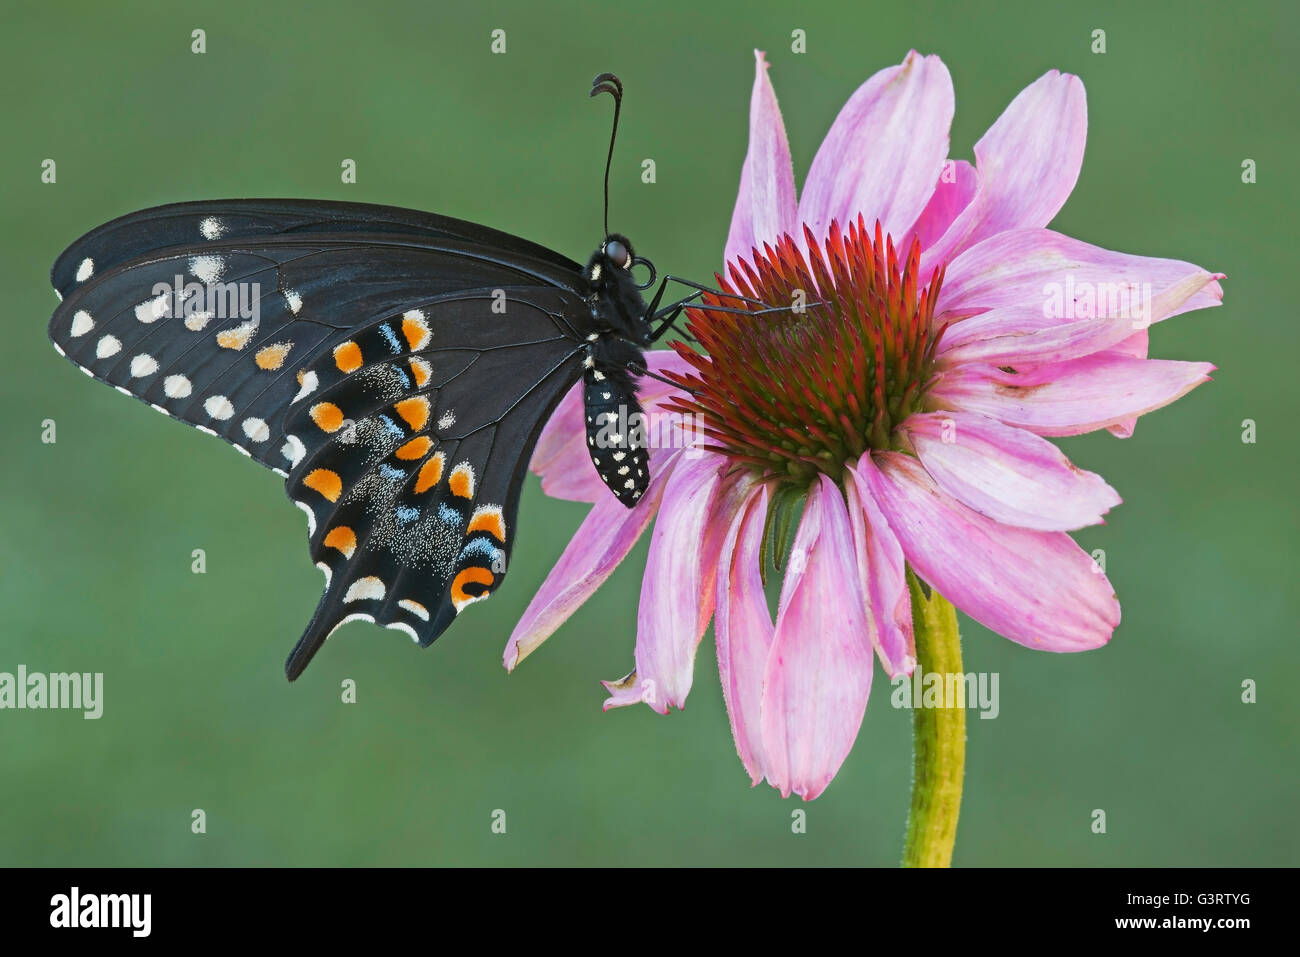 E Especie de mariposa Papilio polyxenes (hembra adulta) se alimentan en Purple Coneflower (Echinacea purpurea) E EE.UU. Foto de stock